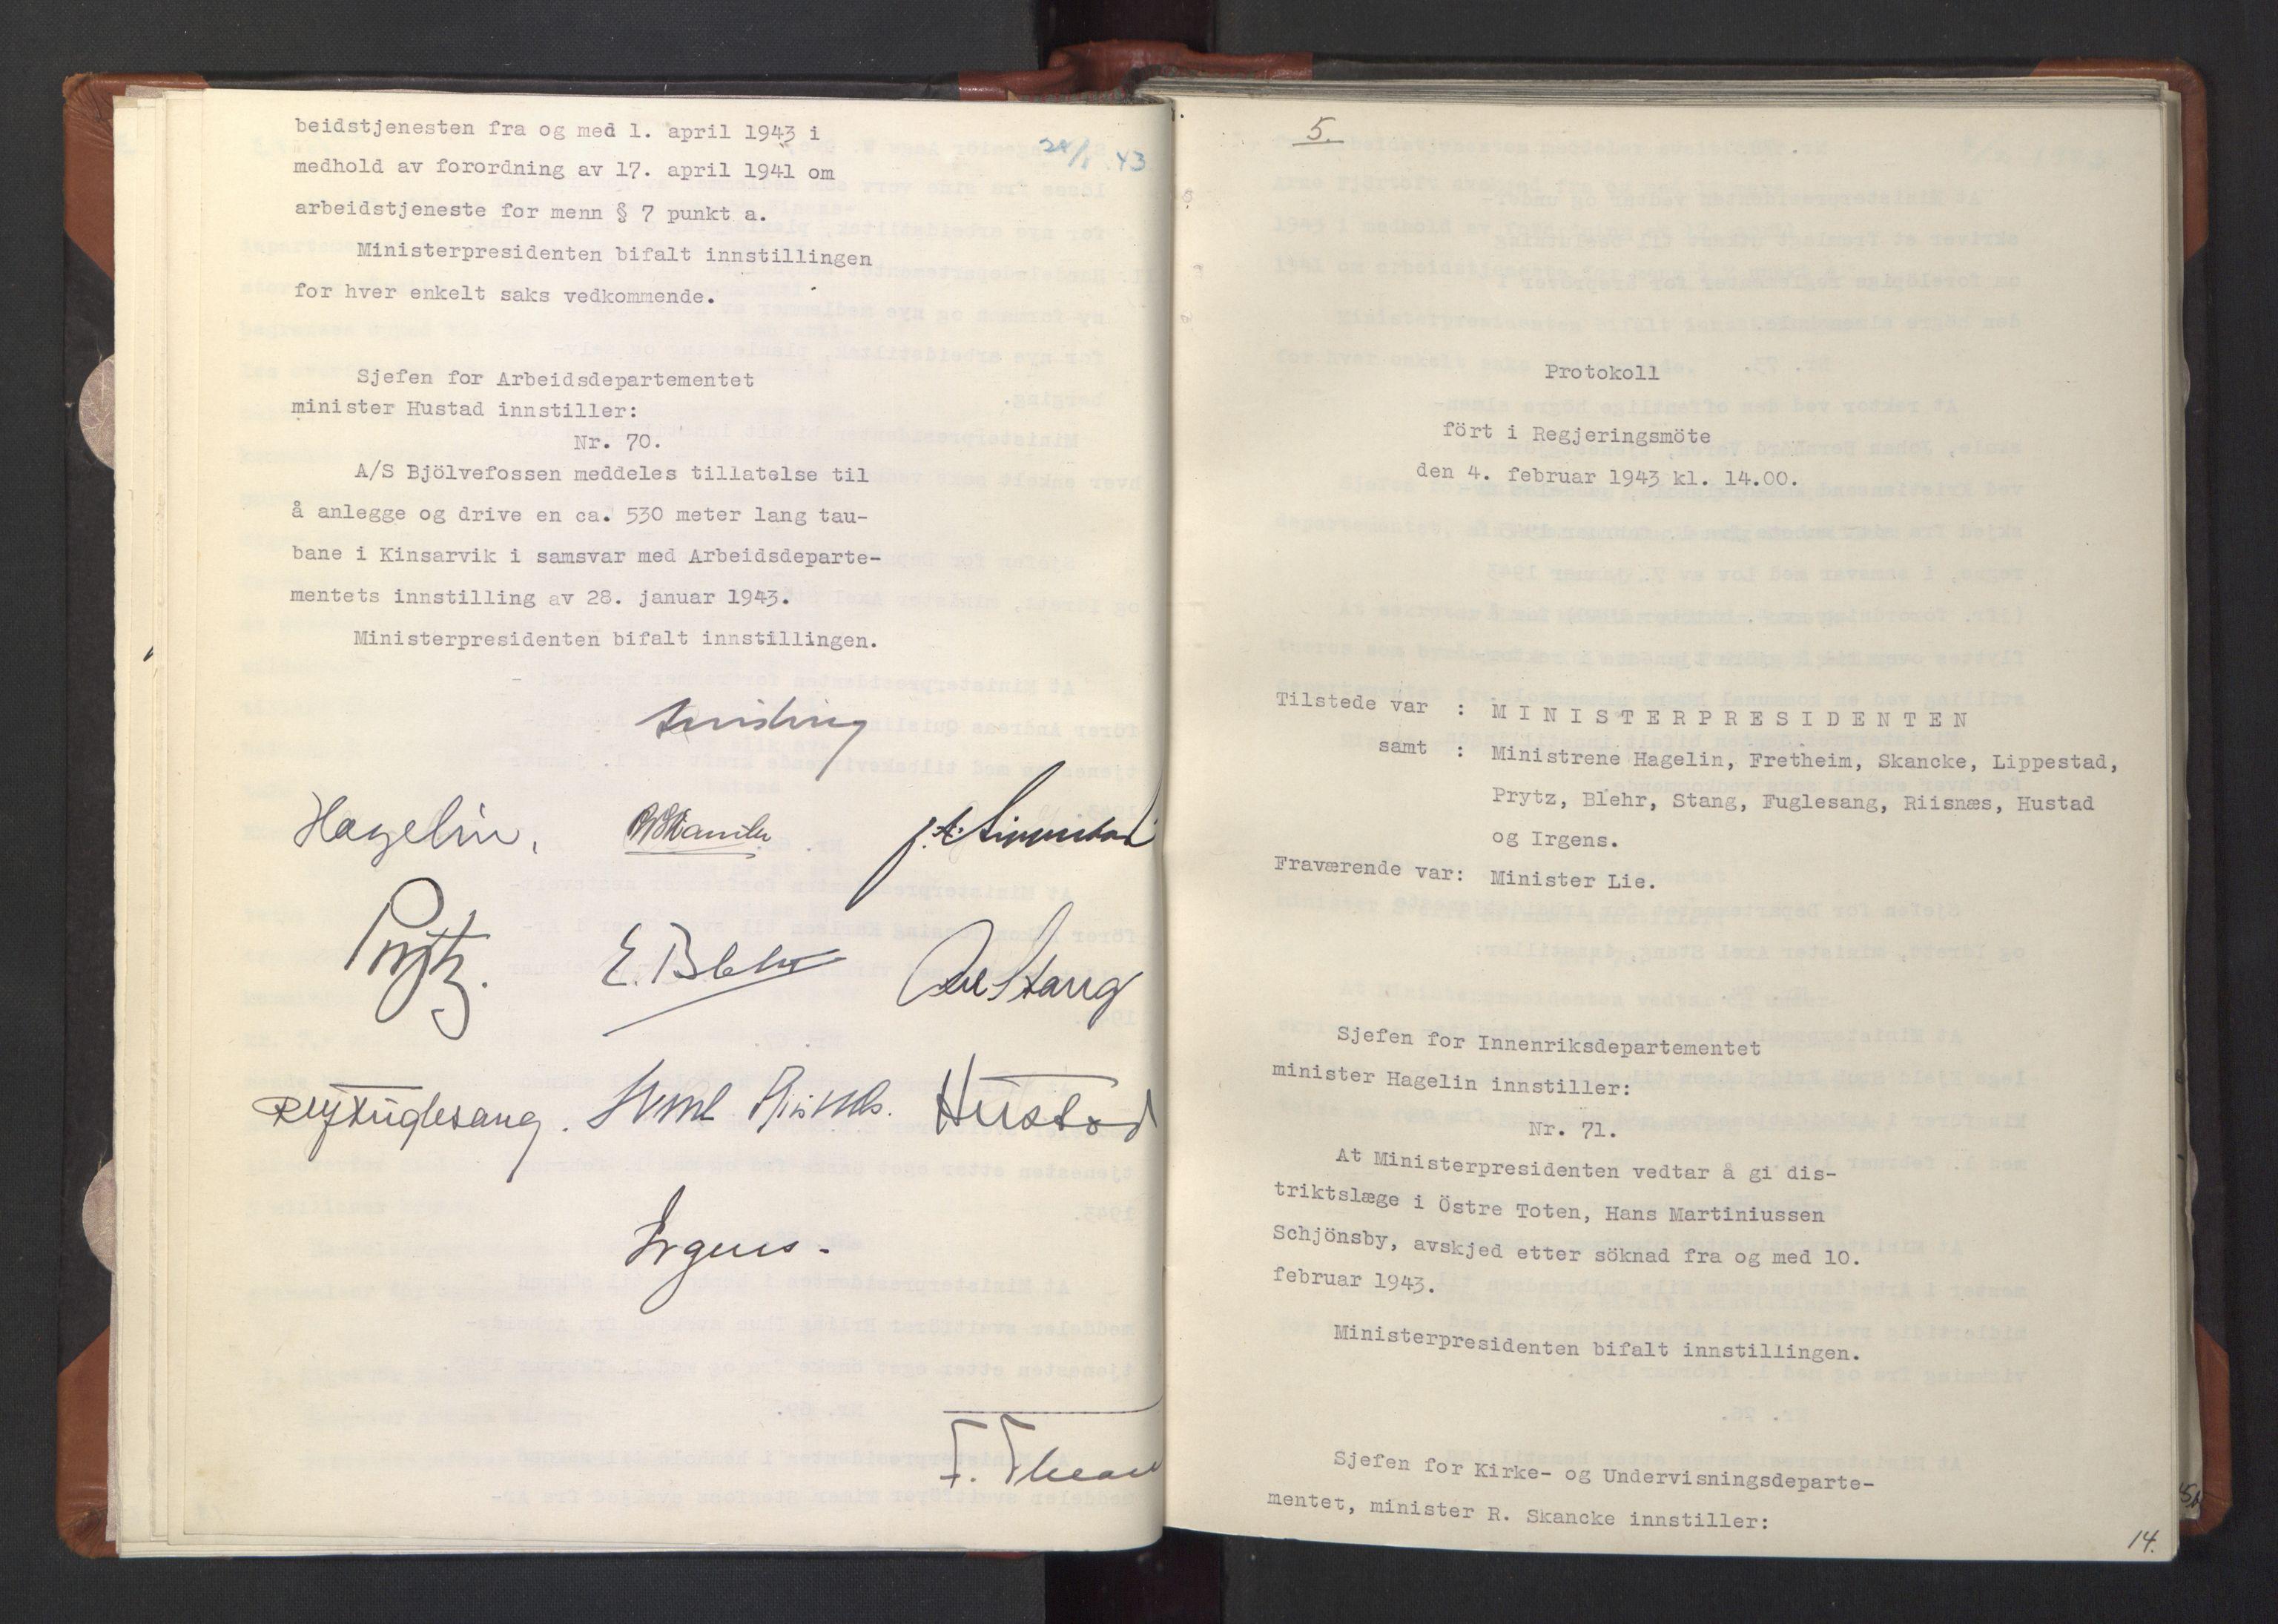 RA, NS-administrasjonen 1940-1945 (Statsrådsekretariatet, de kommisariske statsråder mm), D/Da/L0003: Vedtak (Beslutninger) nr. 1-746 og tillegg nr. 1-47 (RA. j.nr. 1394/1944, tilgangsnr. 8/1944, 1943, s. 13b-14a